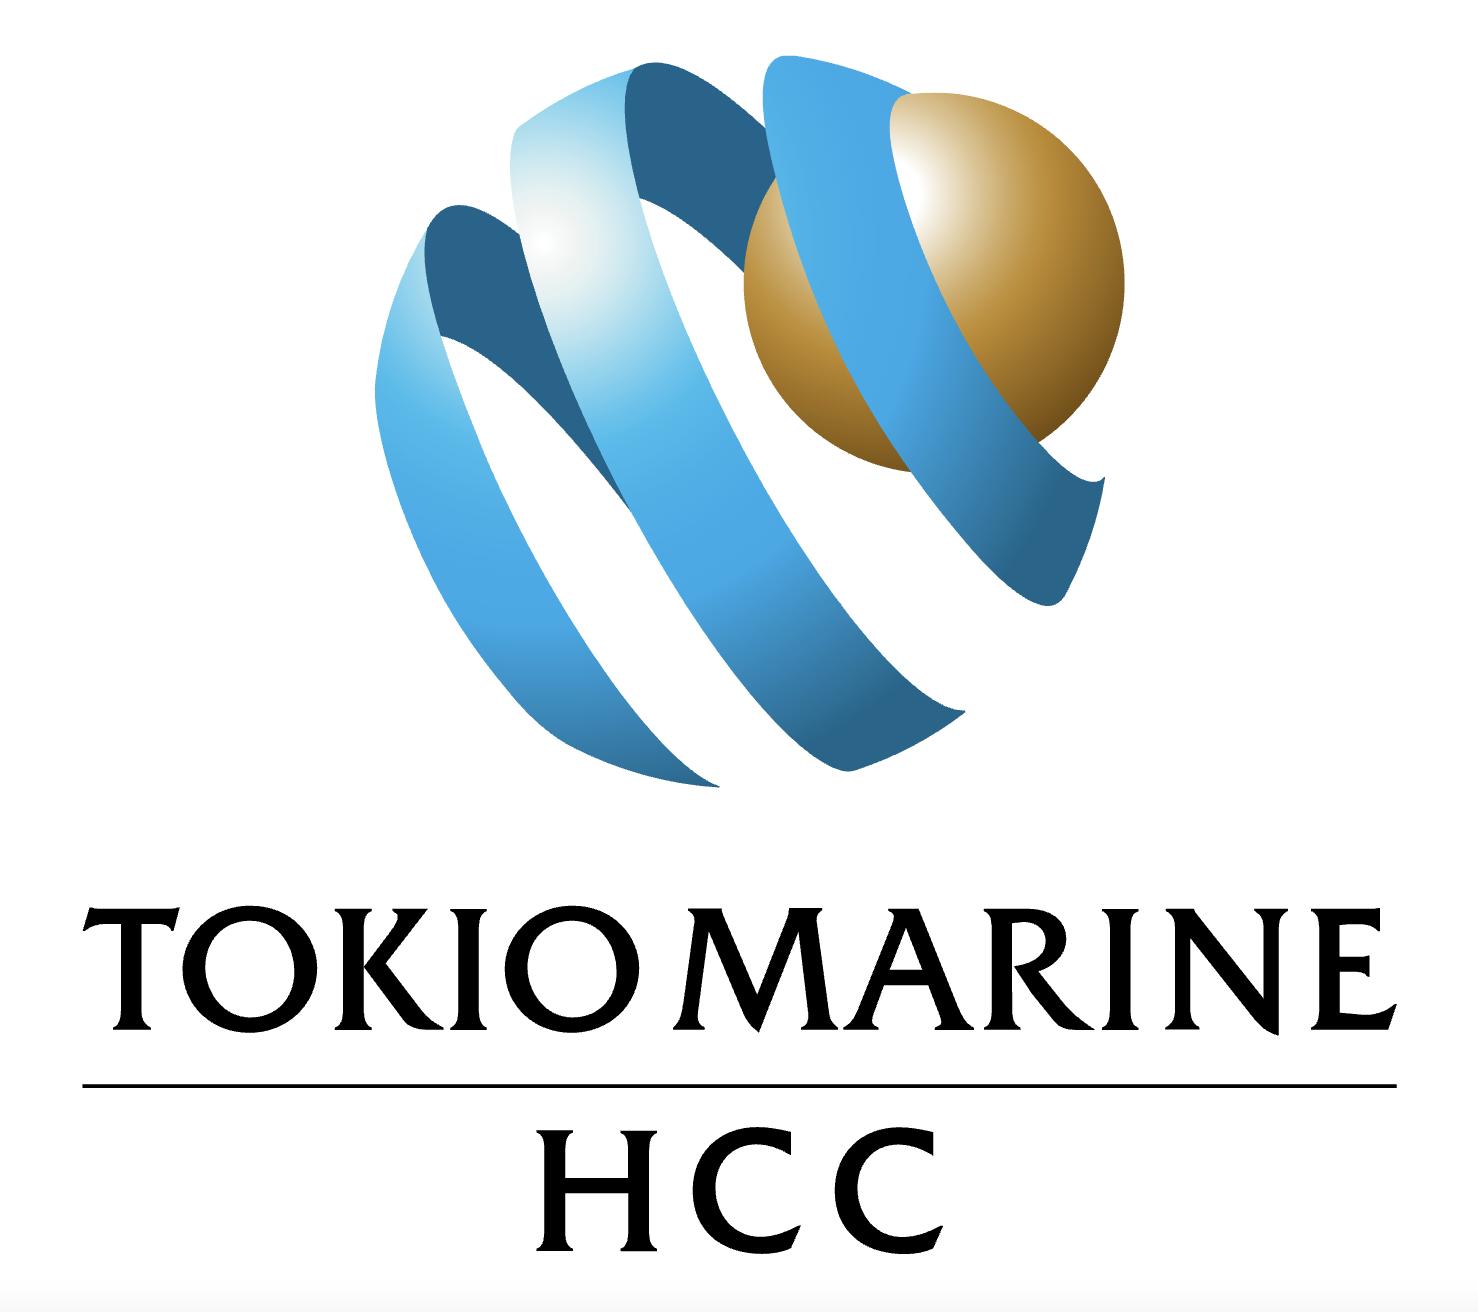 HCC Tokio Marine and The Home Insurer - Unoccupied insurance and non standard home insurance